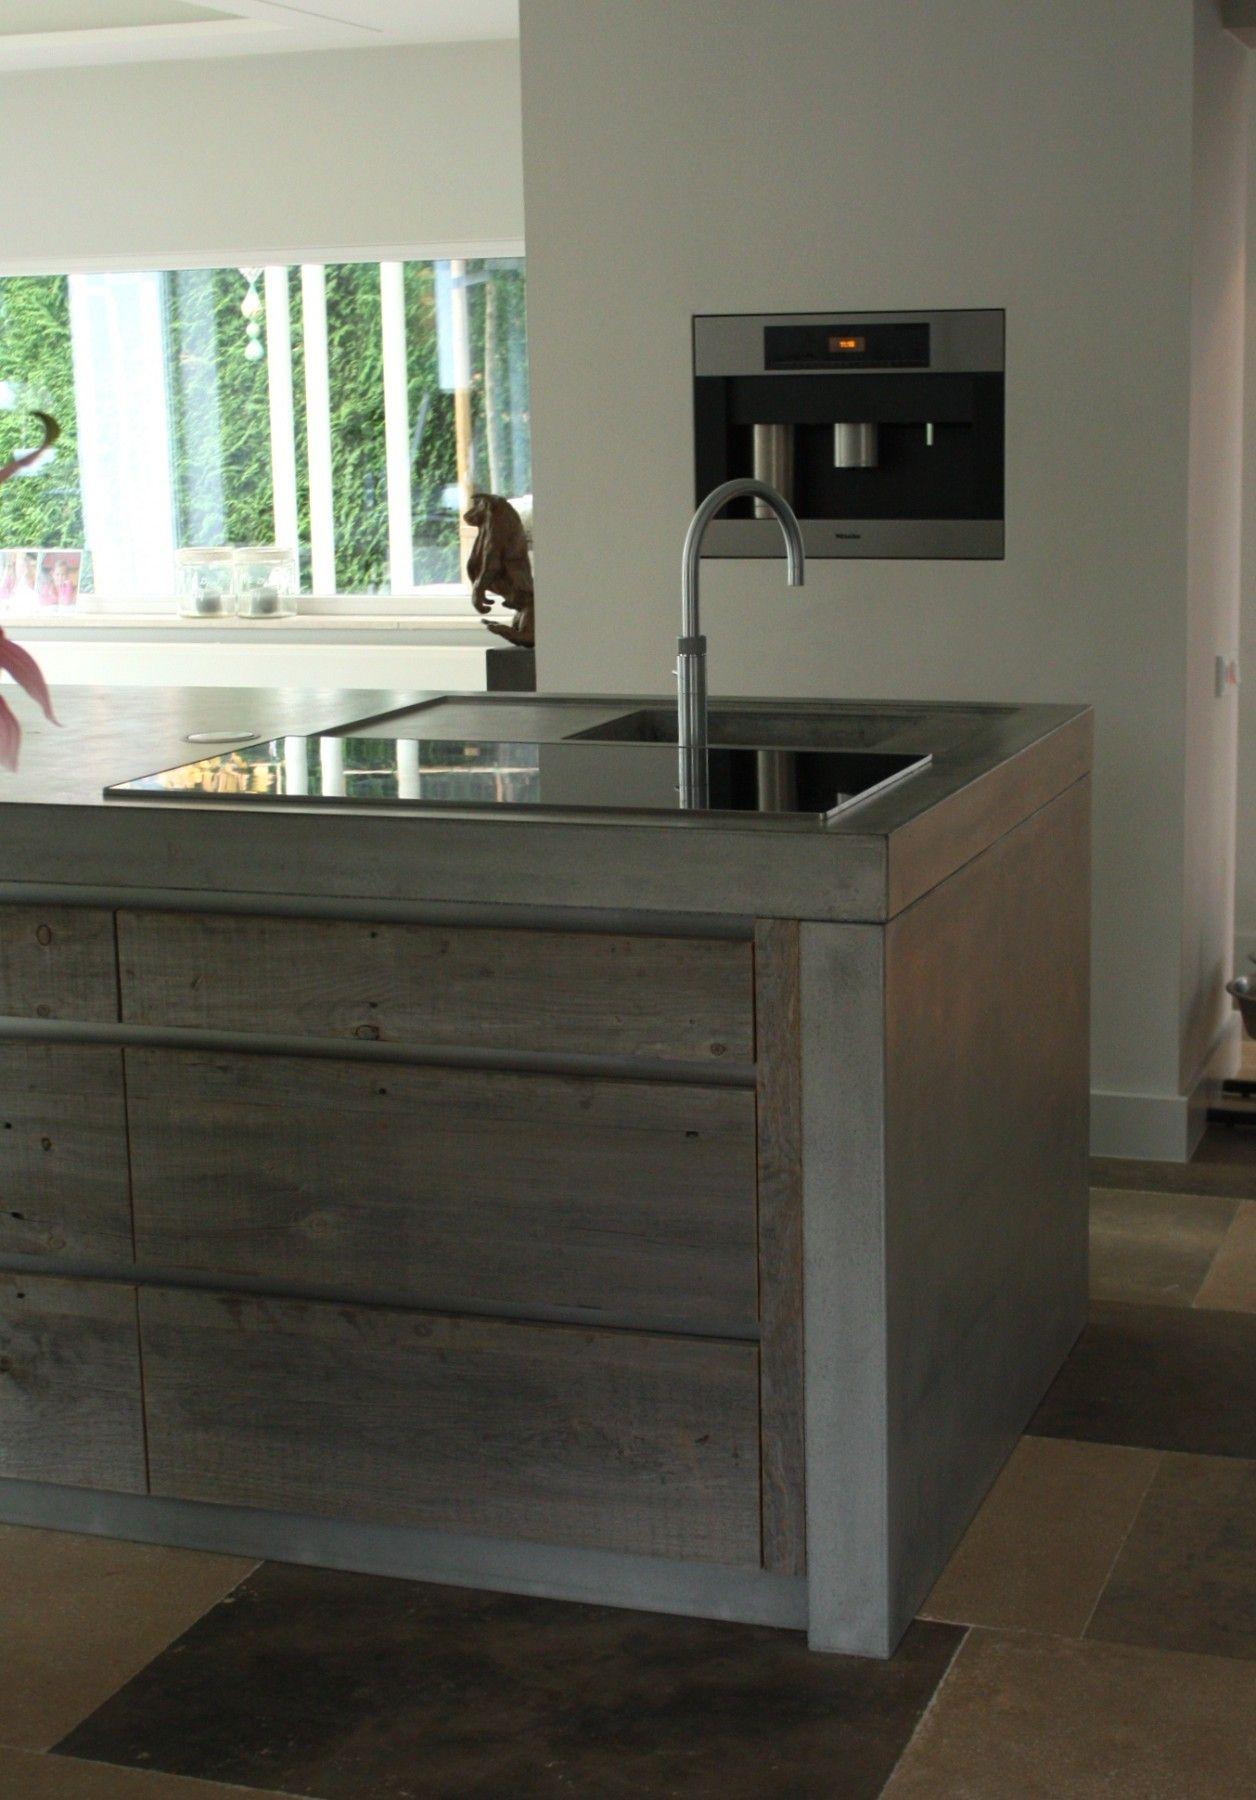 Werk eiland van oud hout en beton | ÇA-VA! INTERIEUR